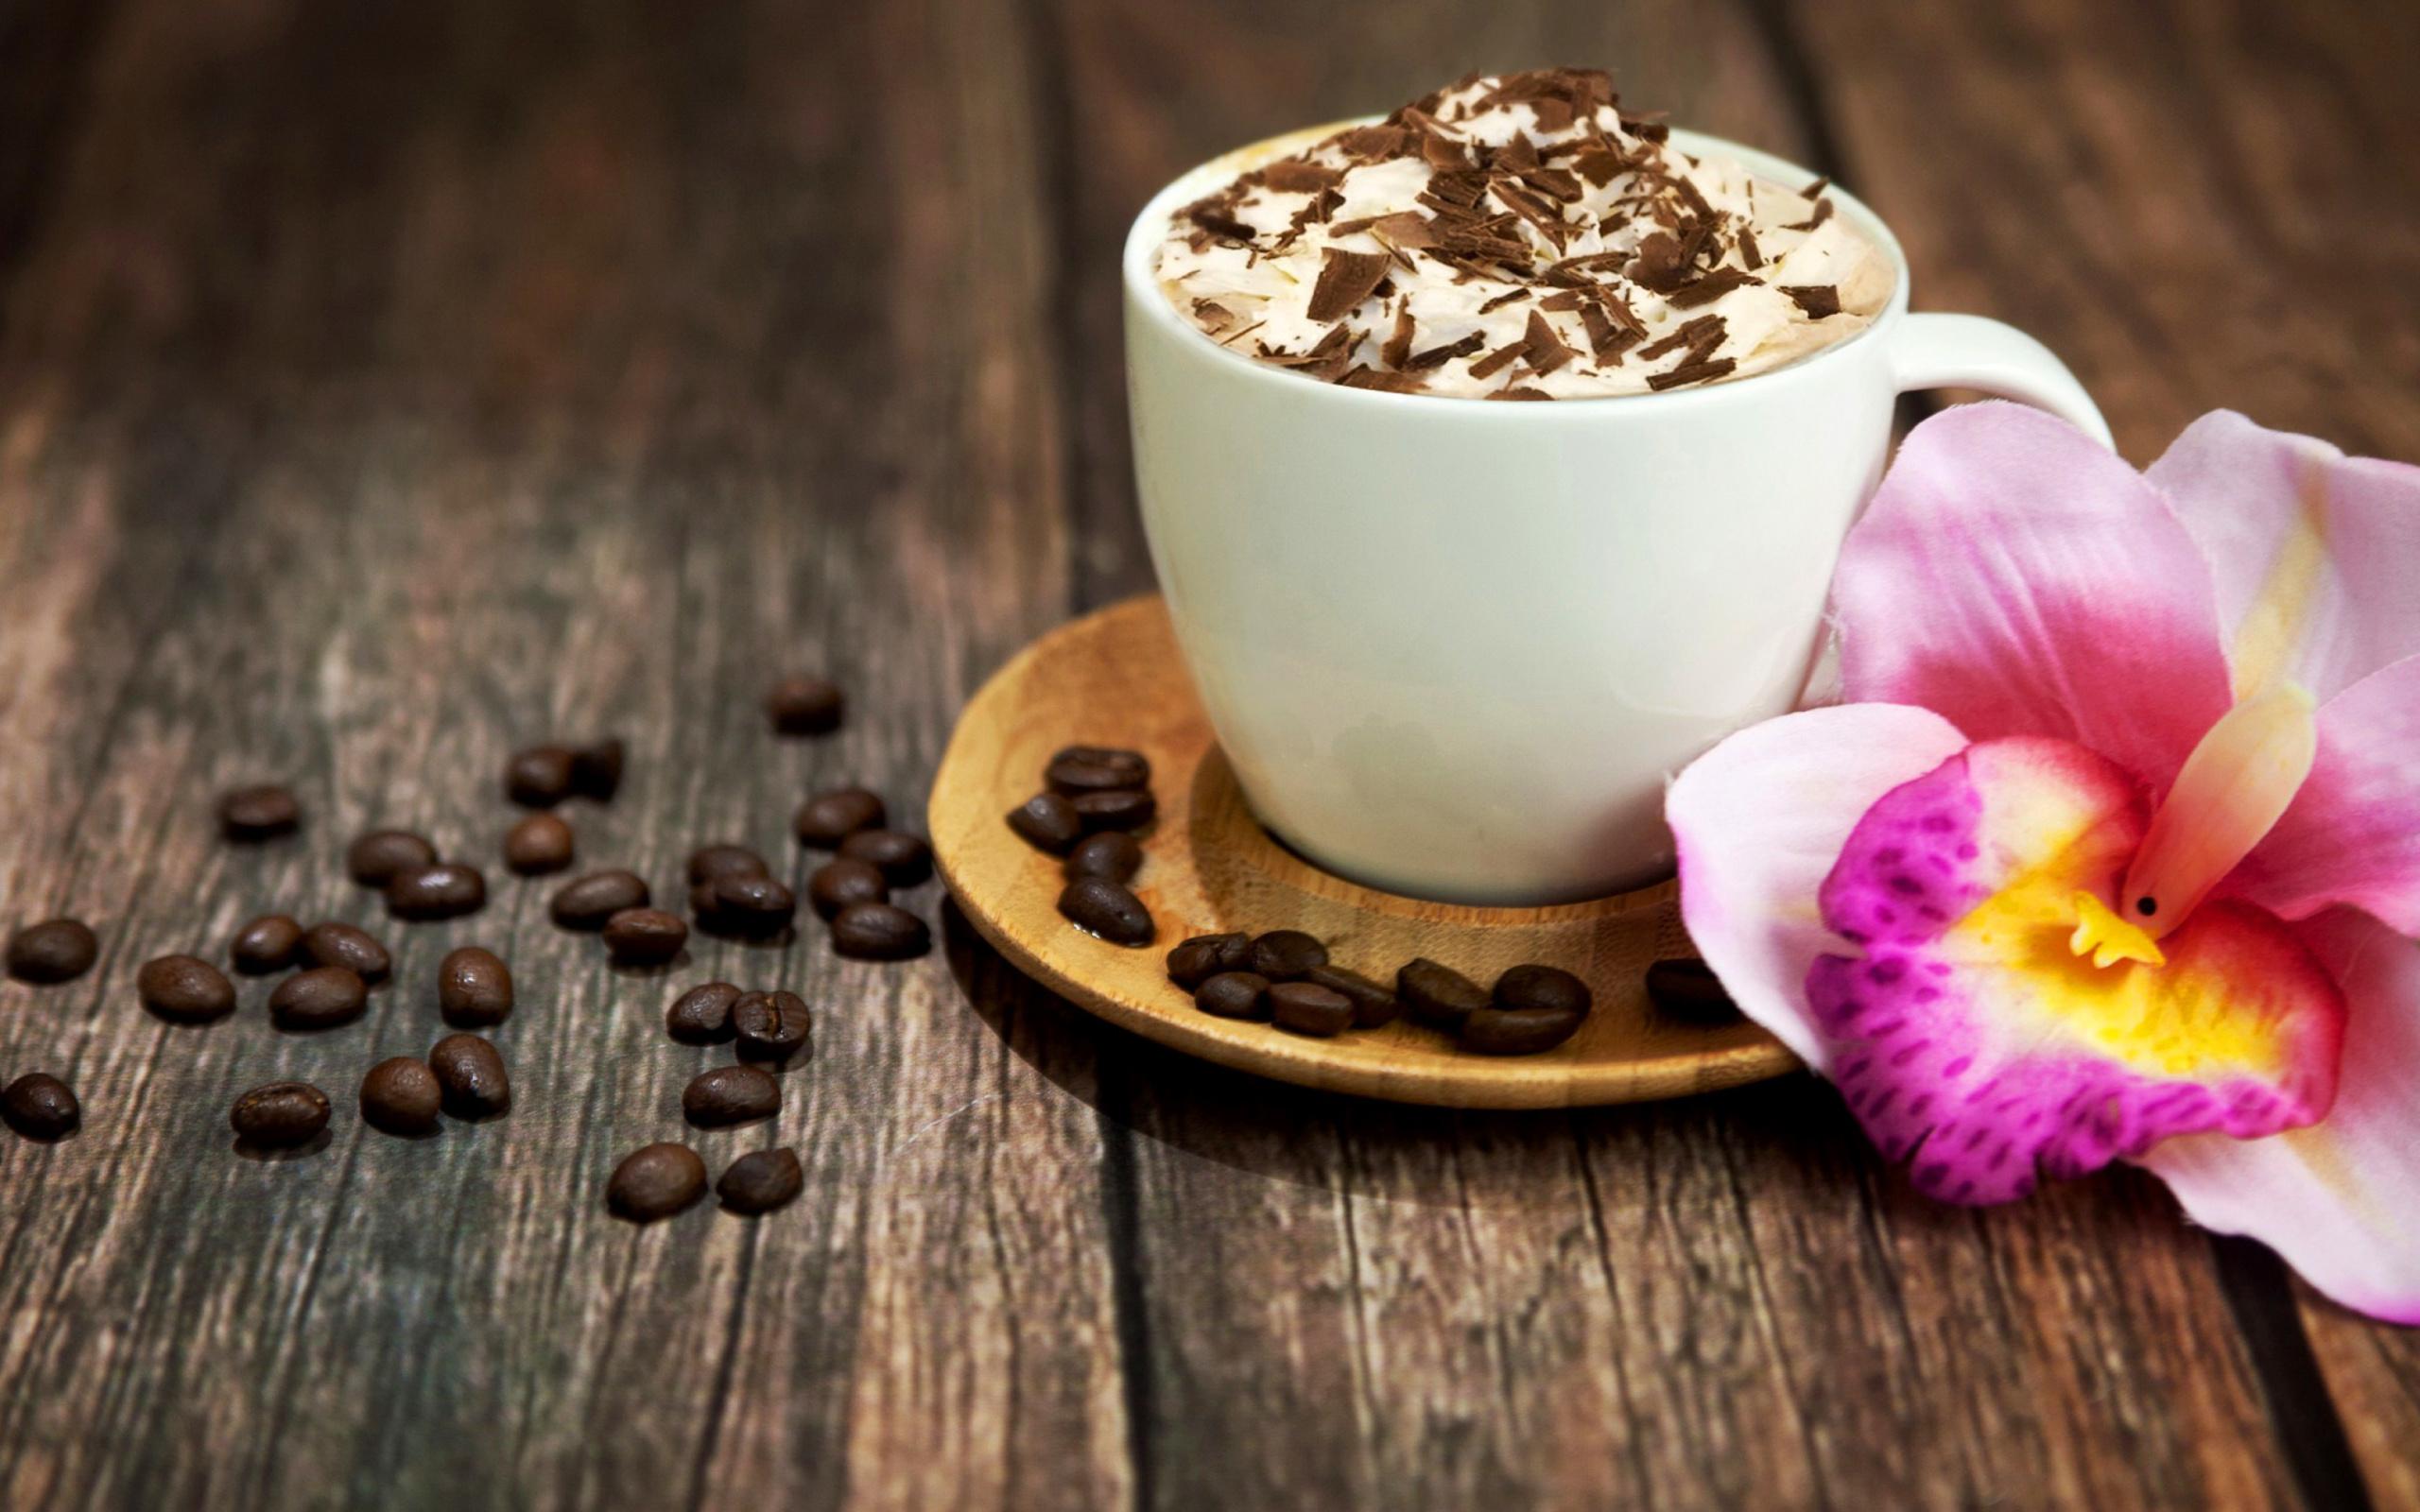 Обои на рабочий стол чашка кофе и шоколад